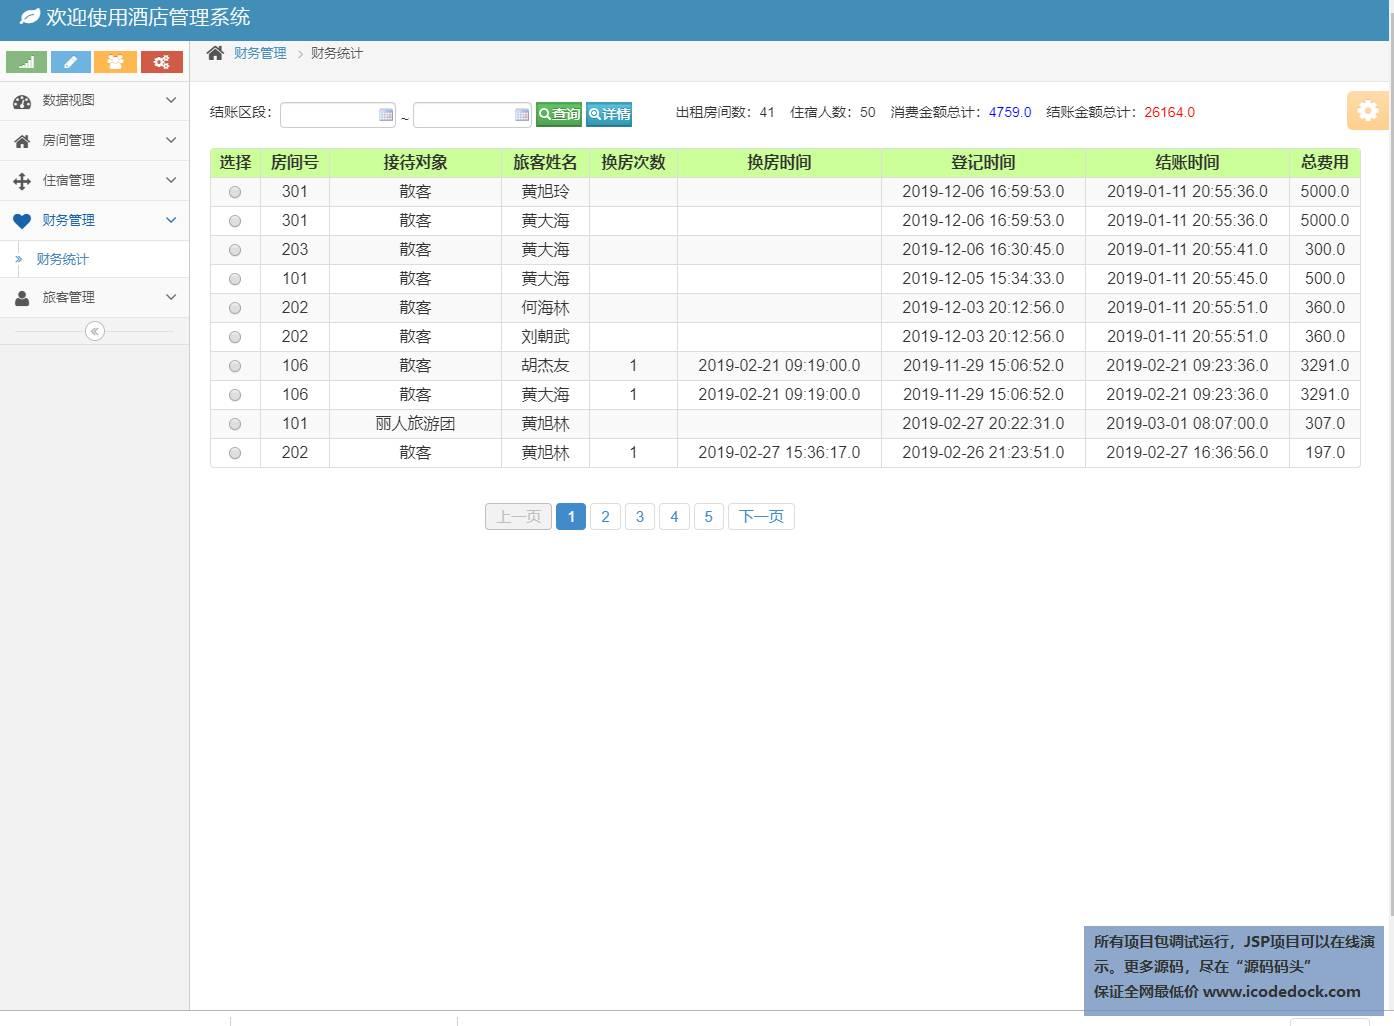 源码码头-SSM酒店后台管理系统-管理员角色-财务统计